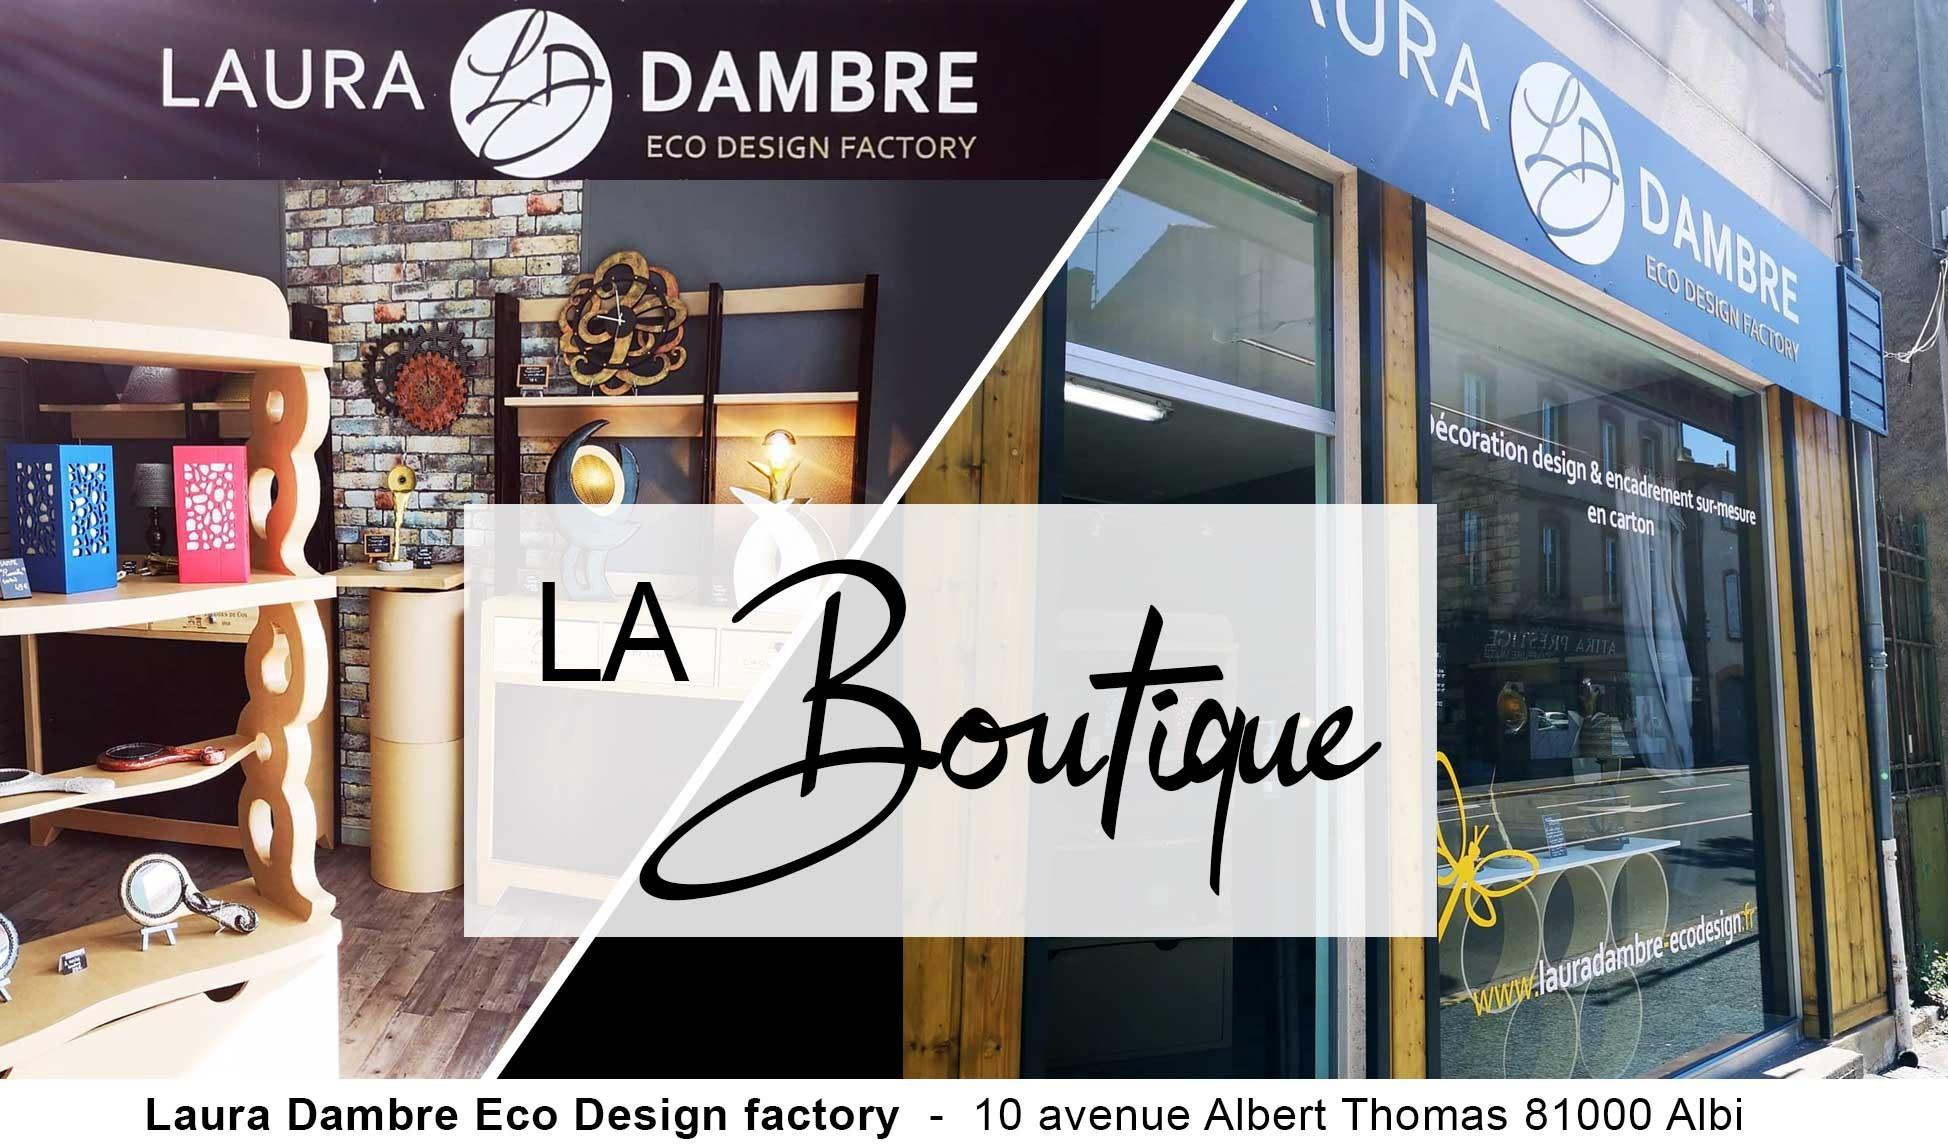 Magasin de décoration design et encadrement sur-mesure en carton - Laura Dambre Eco Design Factory